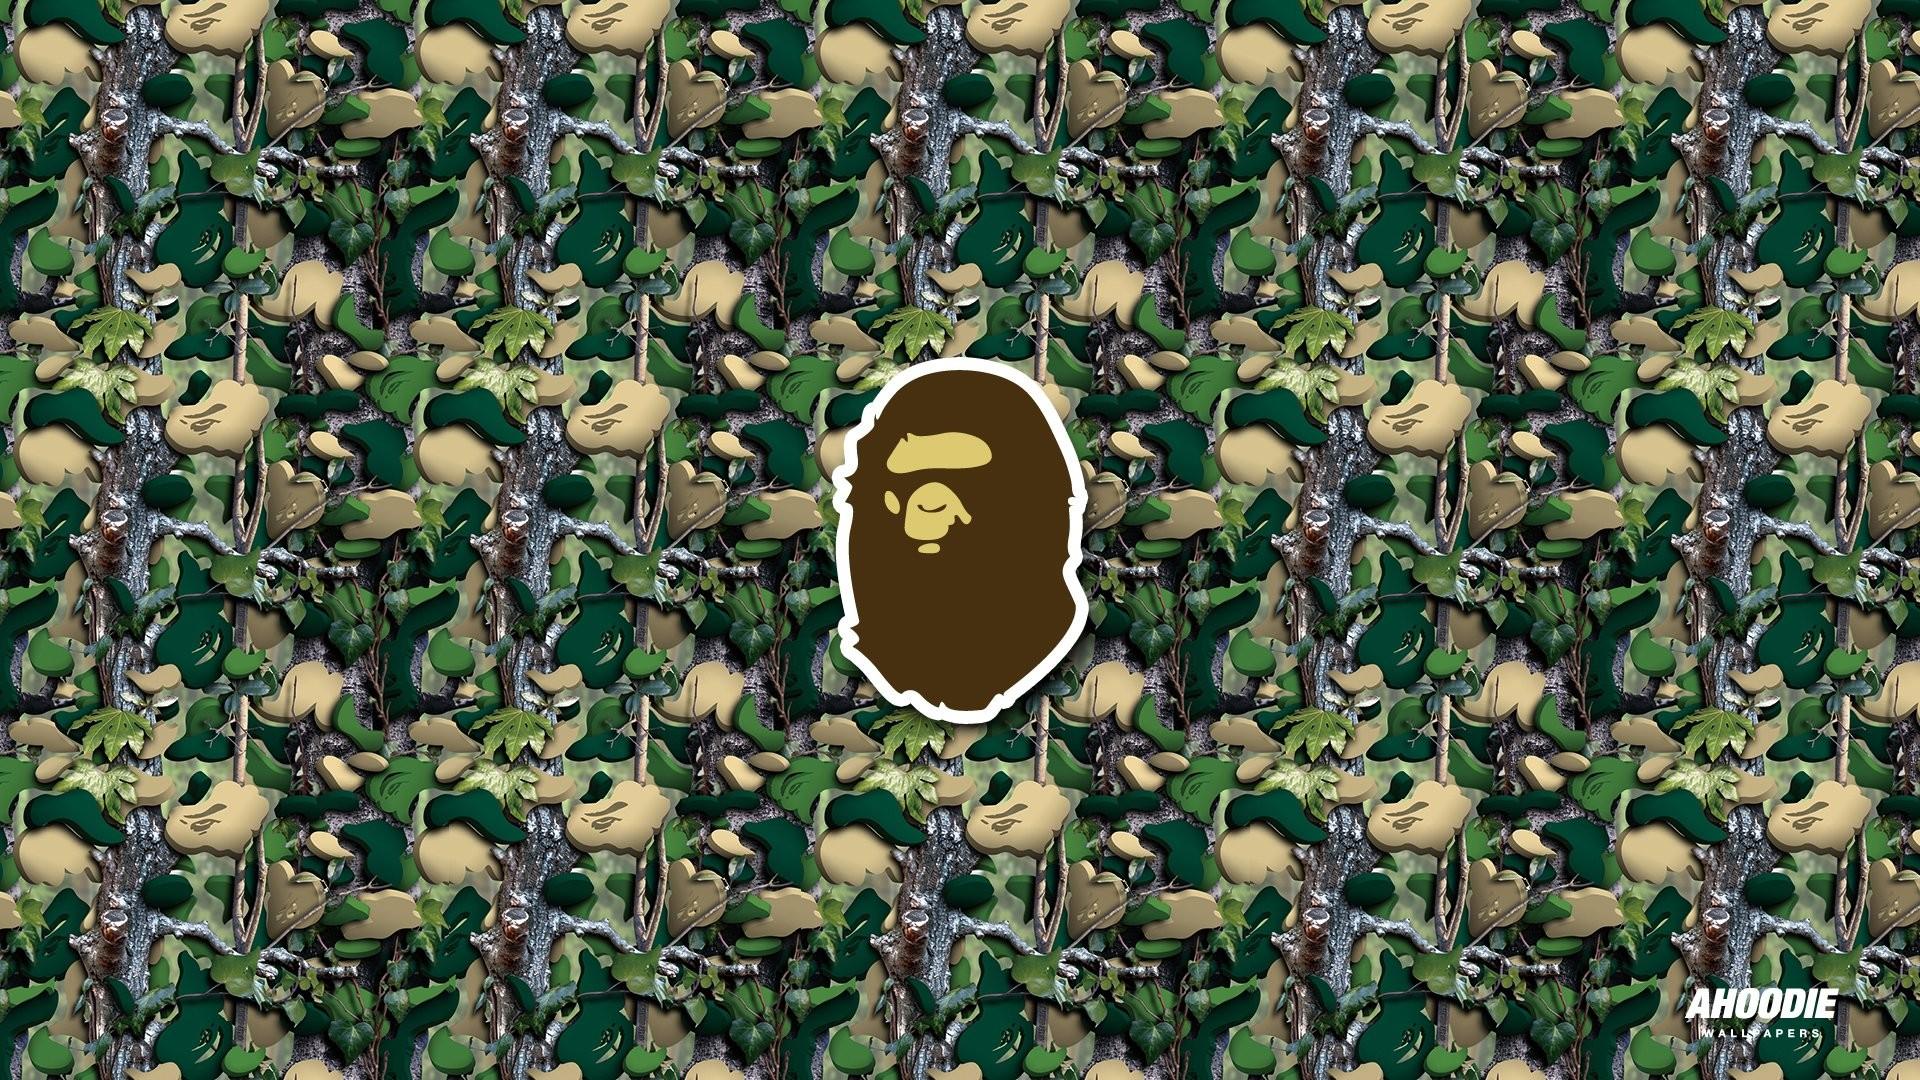 Bape Wallpaper Hd 60 Images